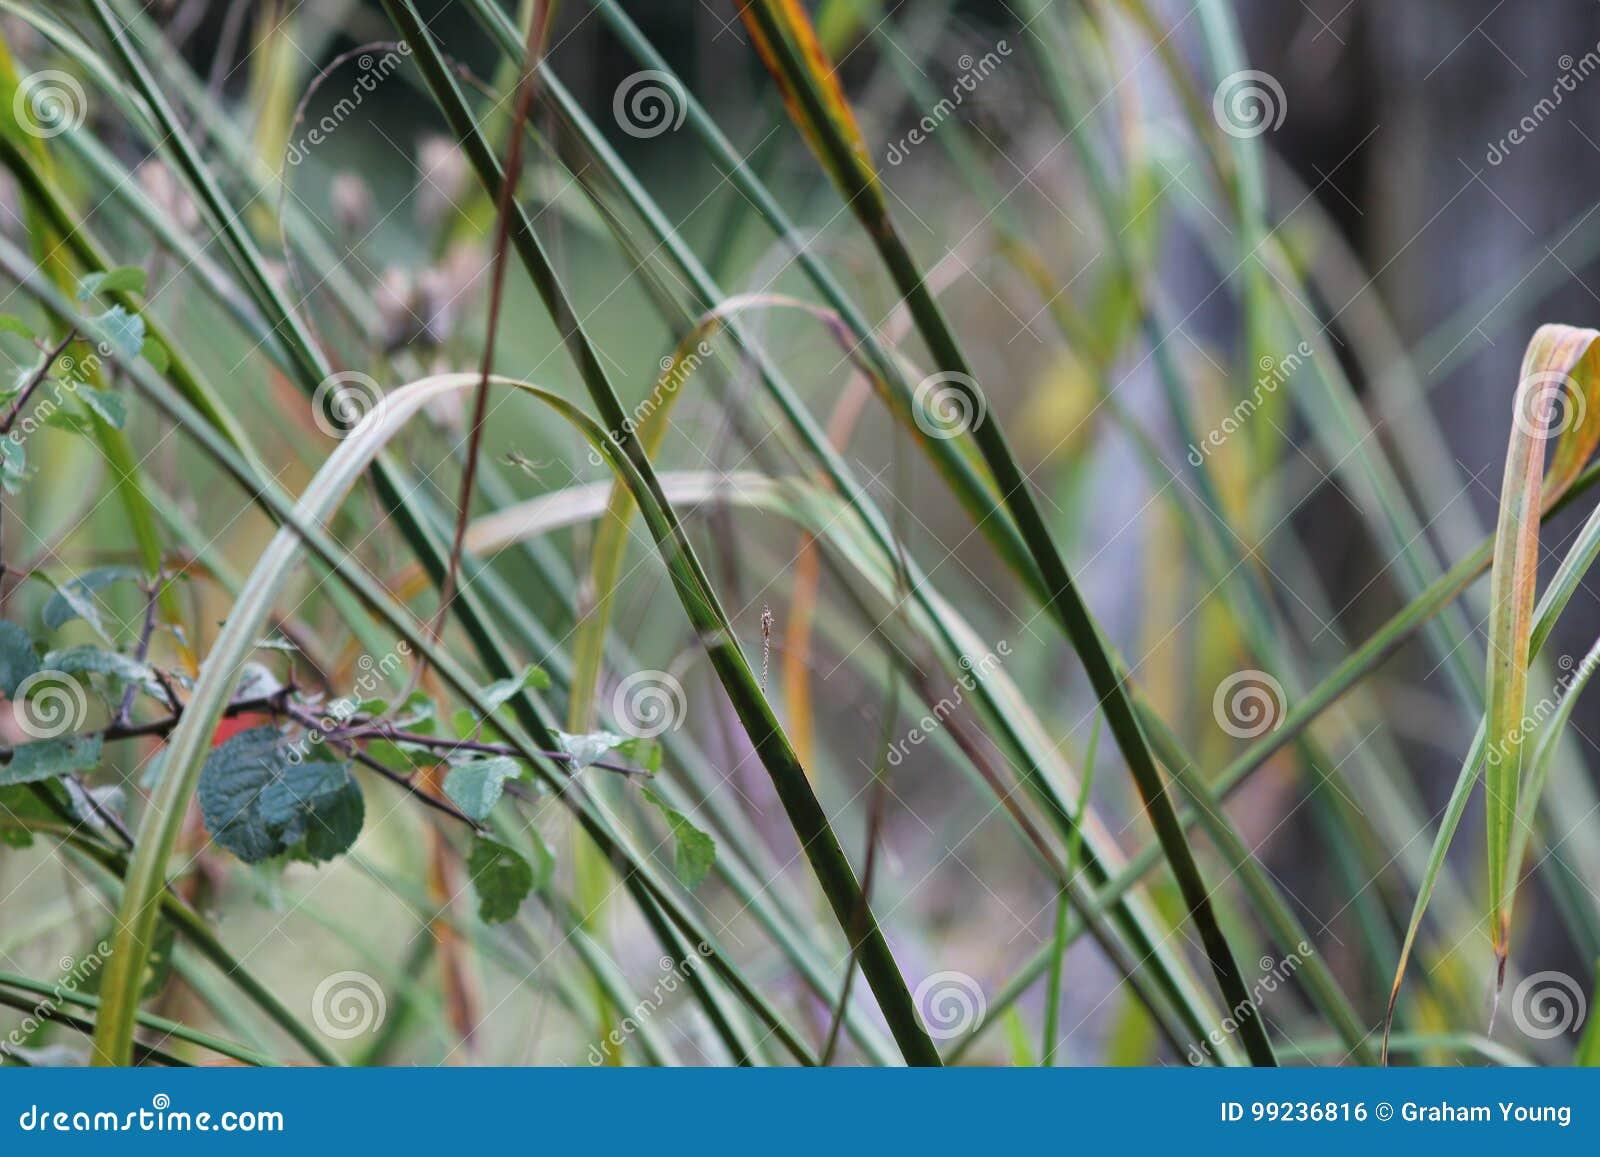 Gräser im englischen Garten, Nahaufnahme, mit Lavendel und kleinen flowes 3